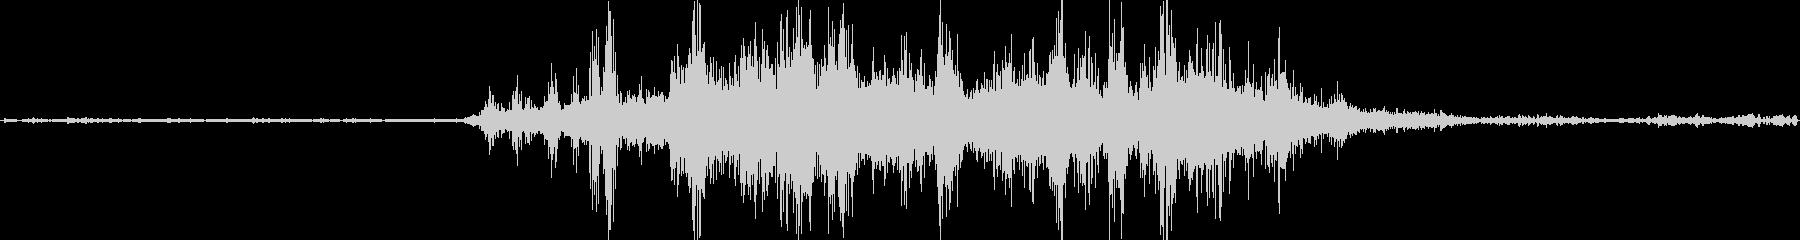 バイノーラル録音戦闘機8の未再生の波形